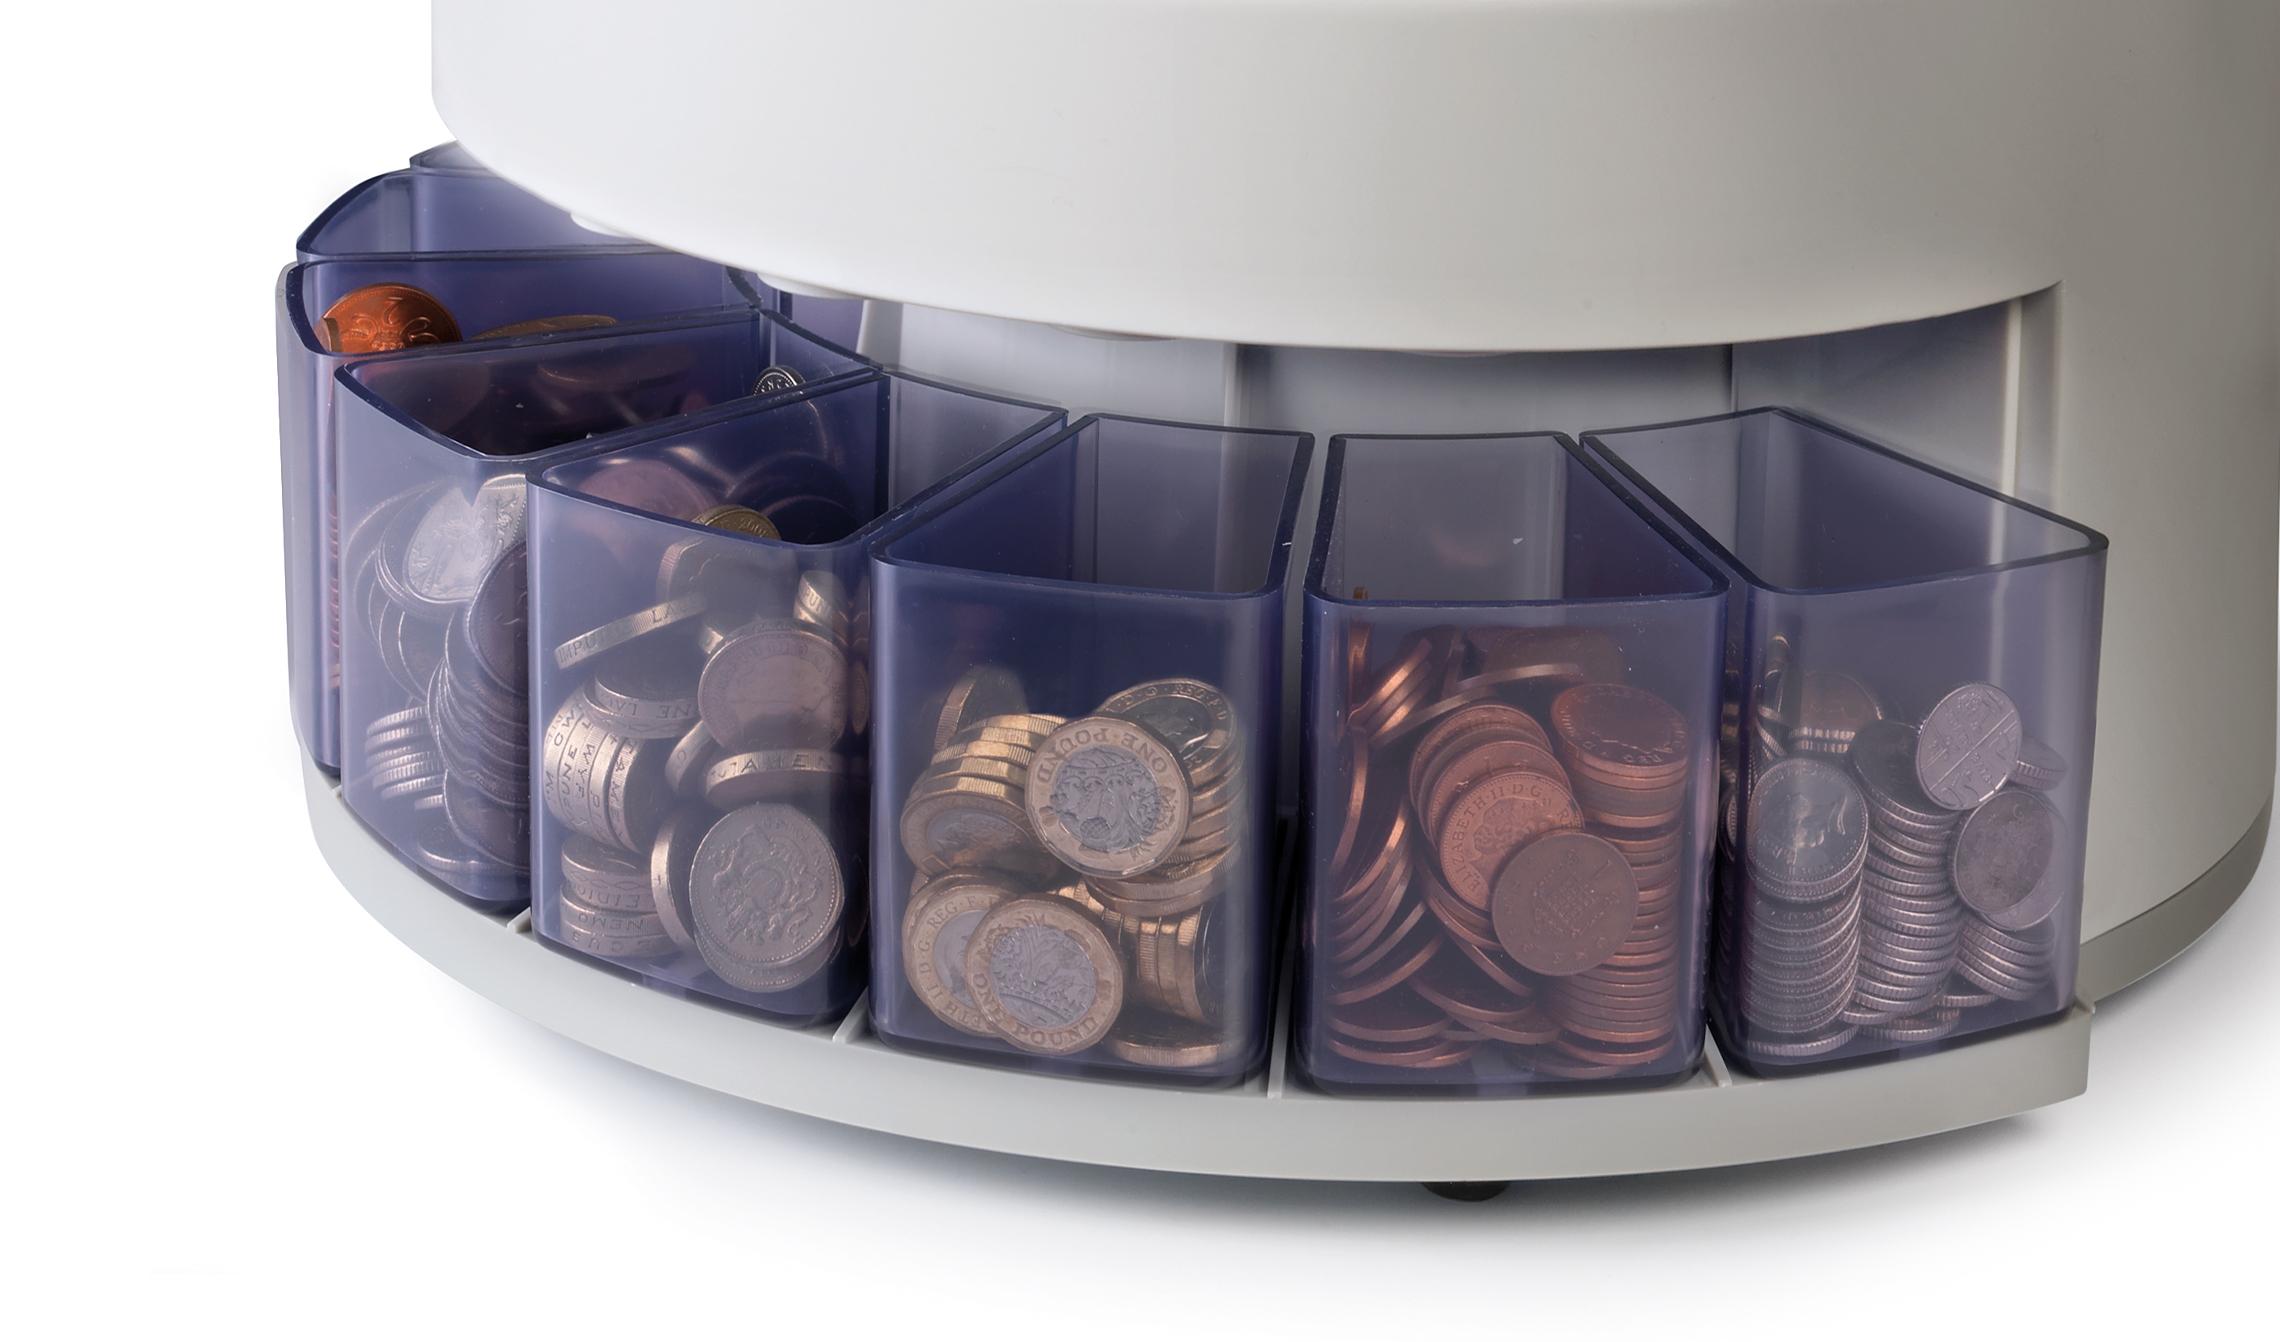 safescan-1250-eur-coin-sorter